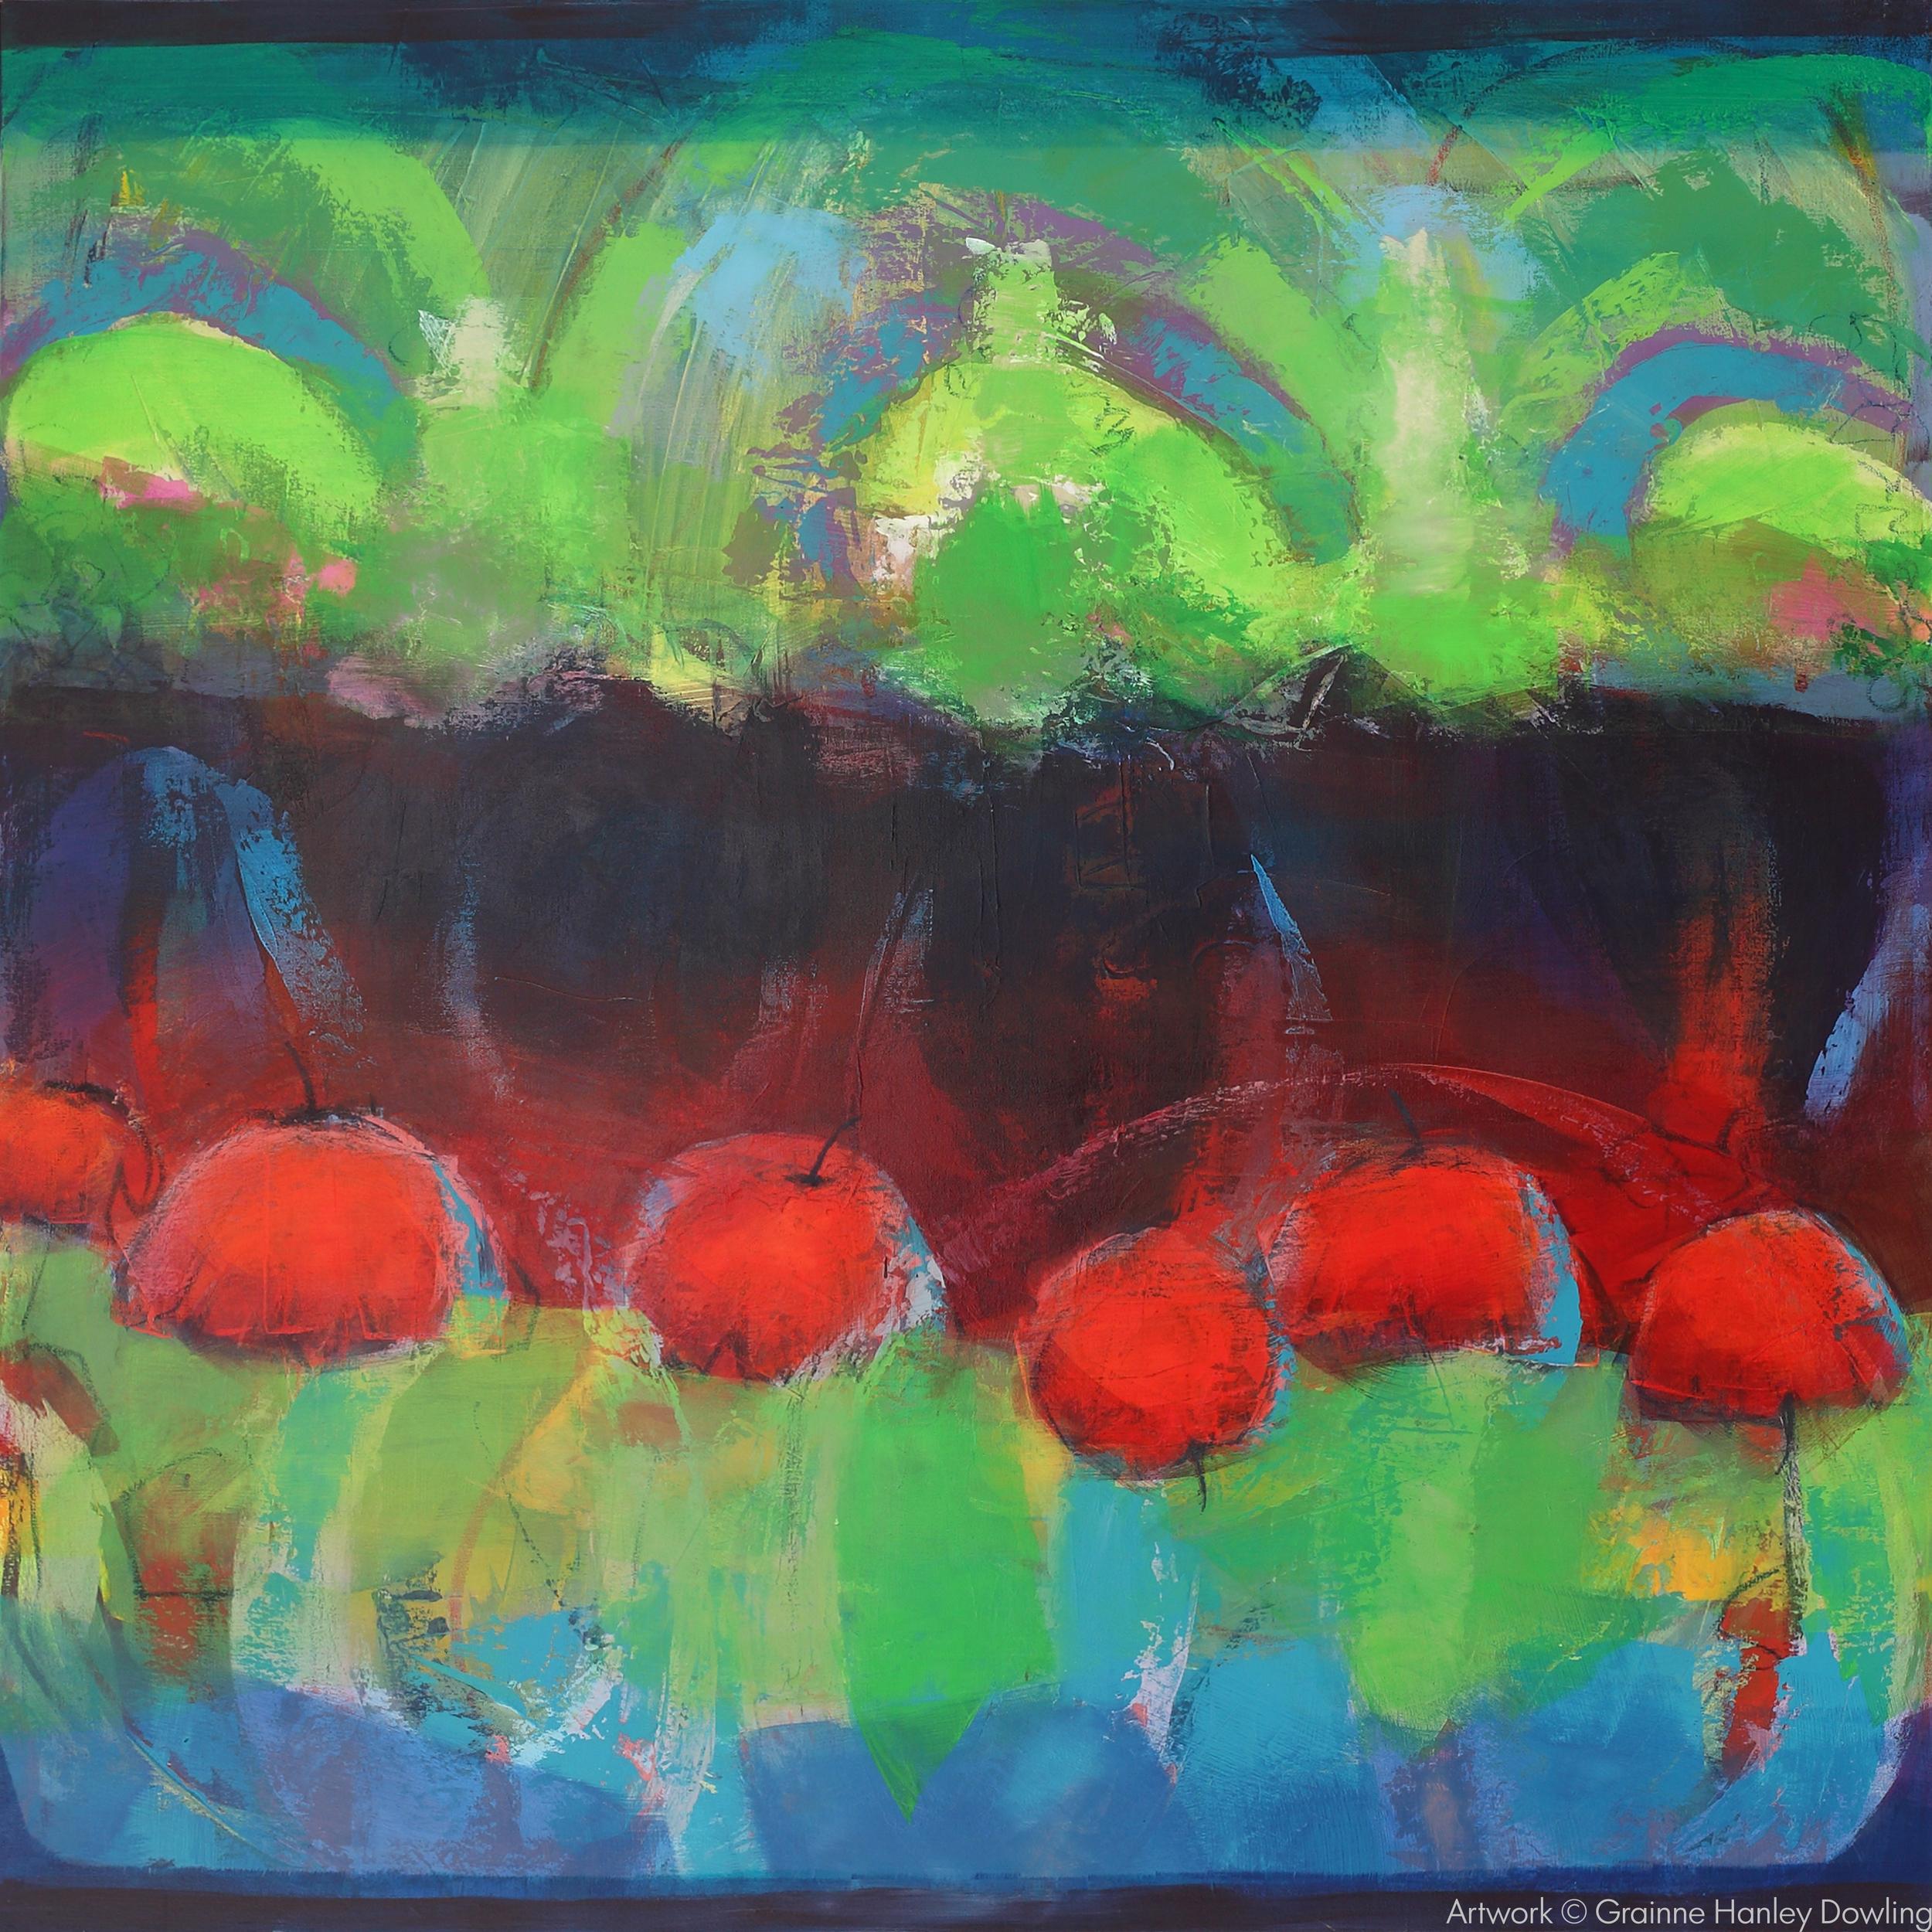 Artwork is by Grainne Dowling-